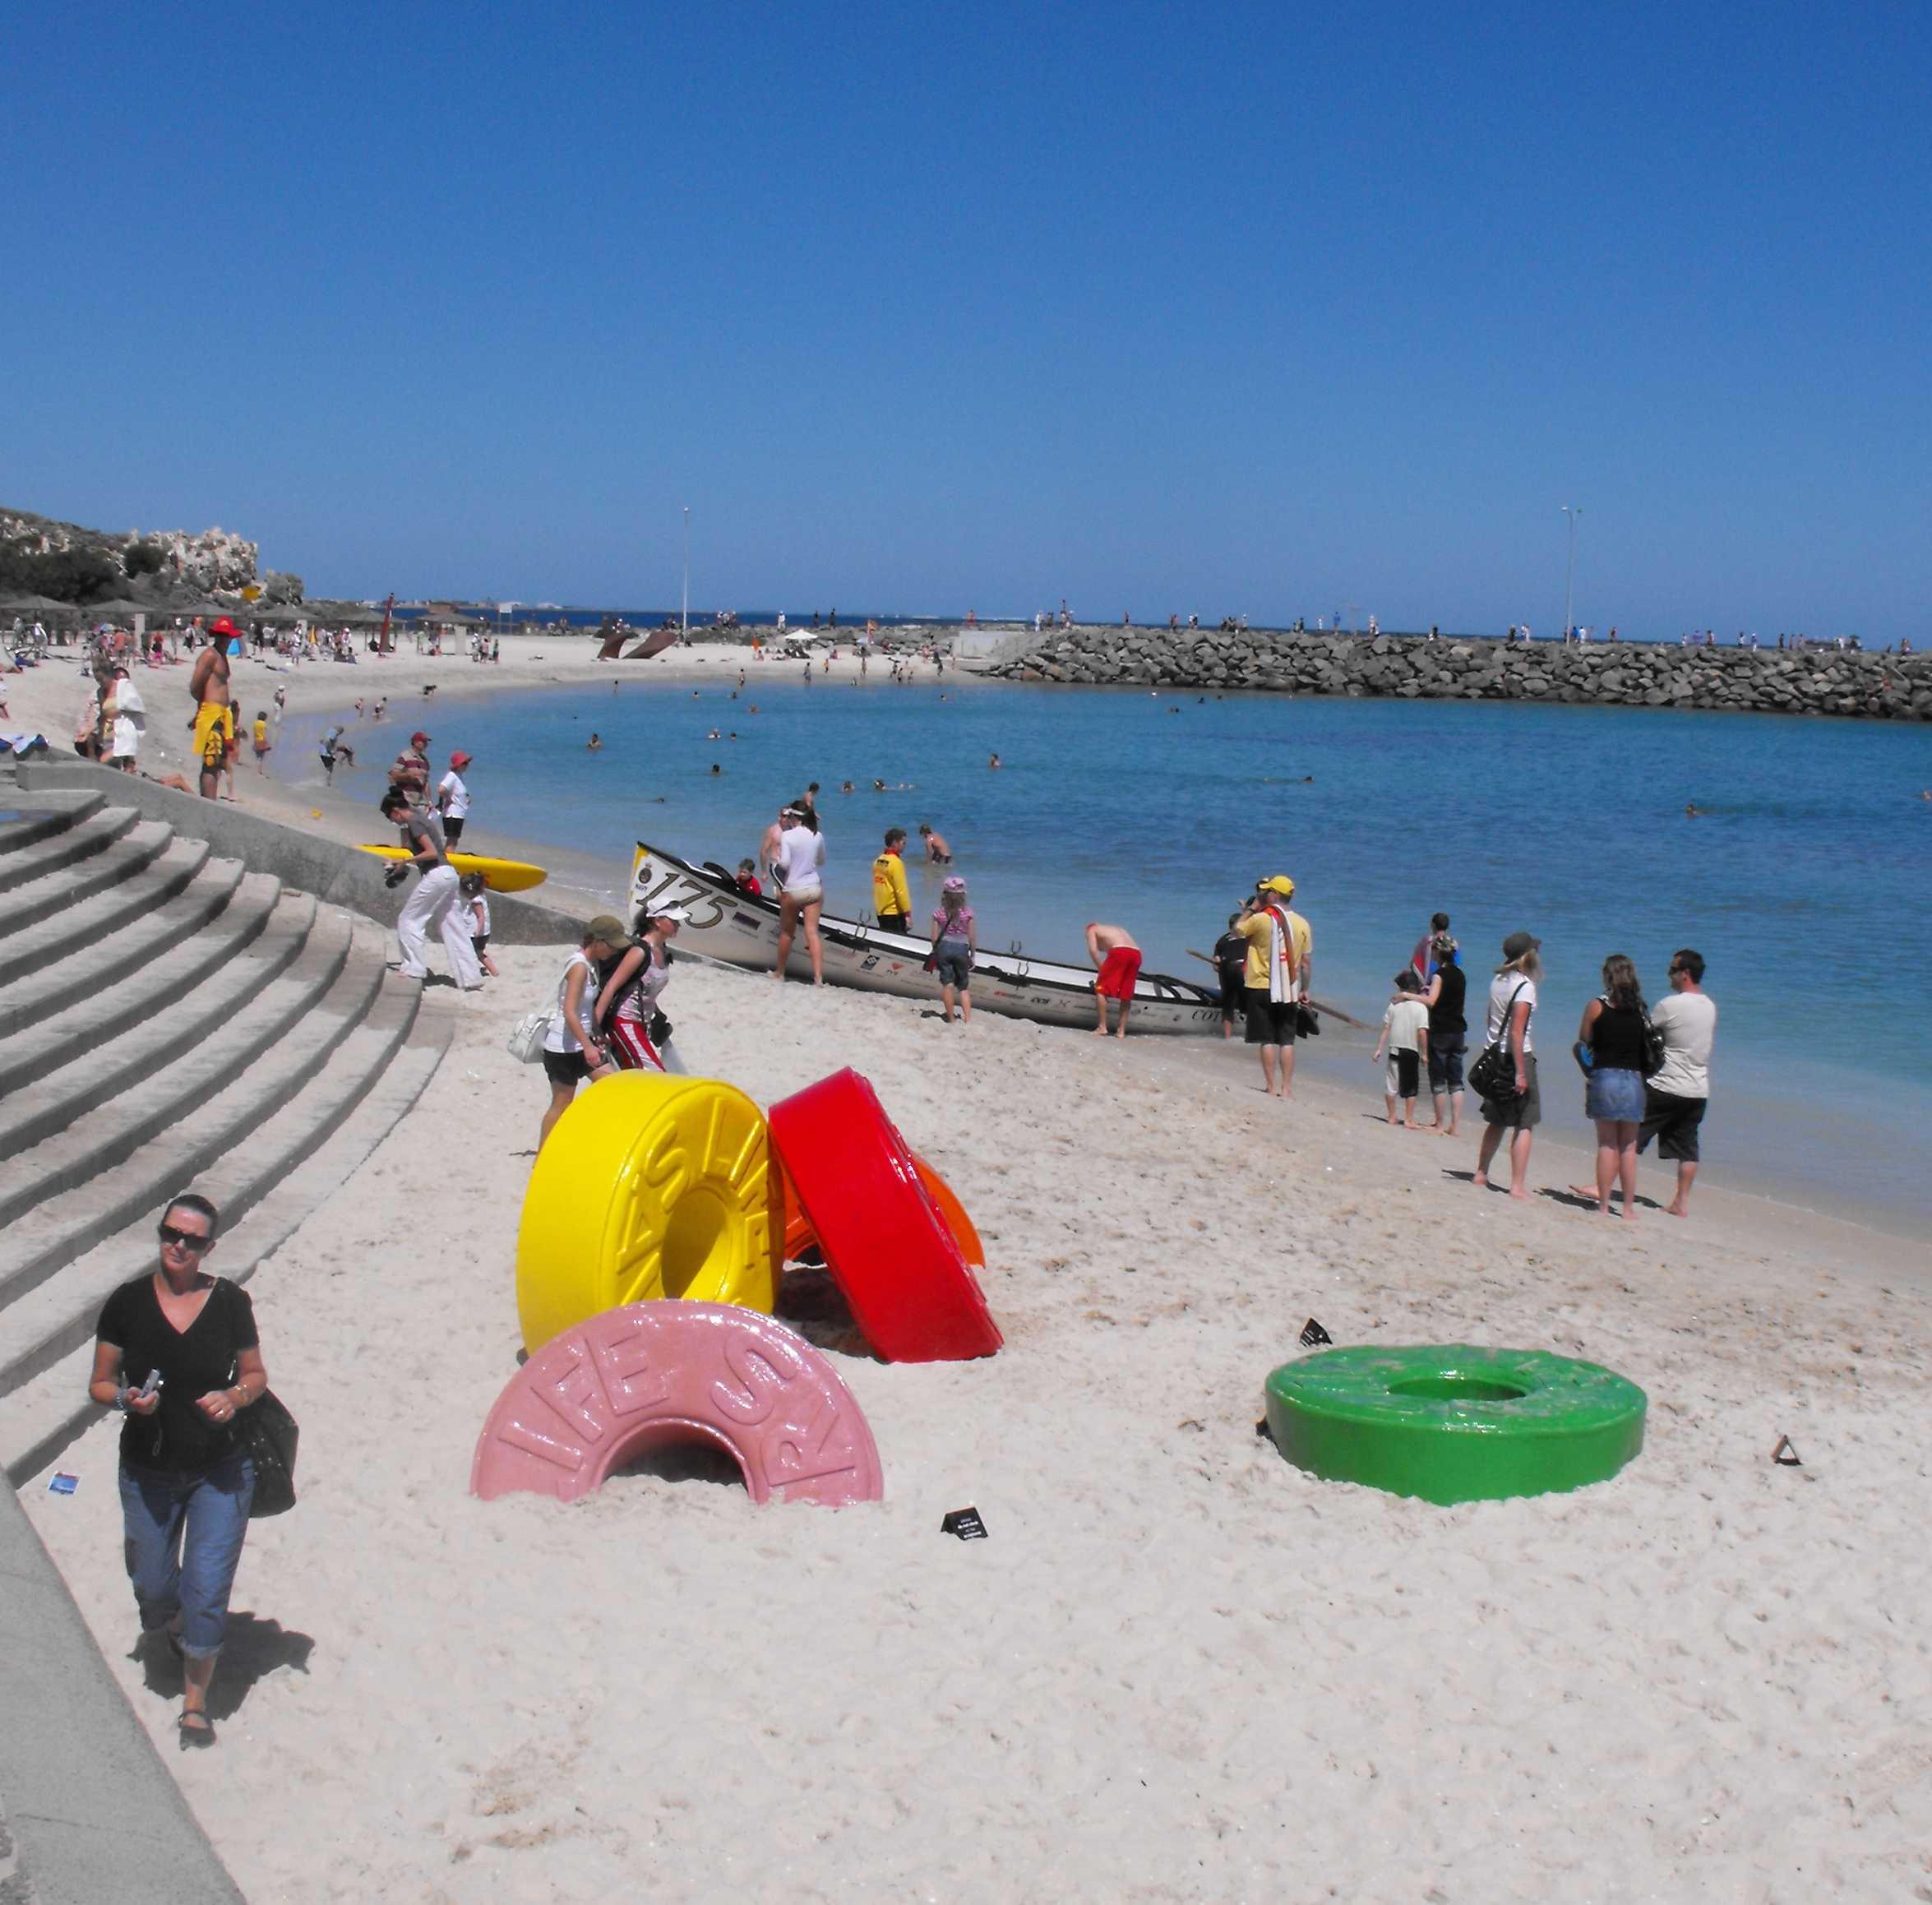 Cottesloe beach - Mar 09